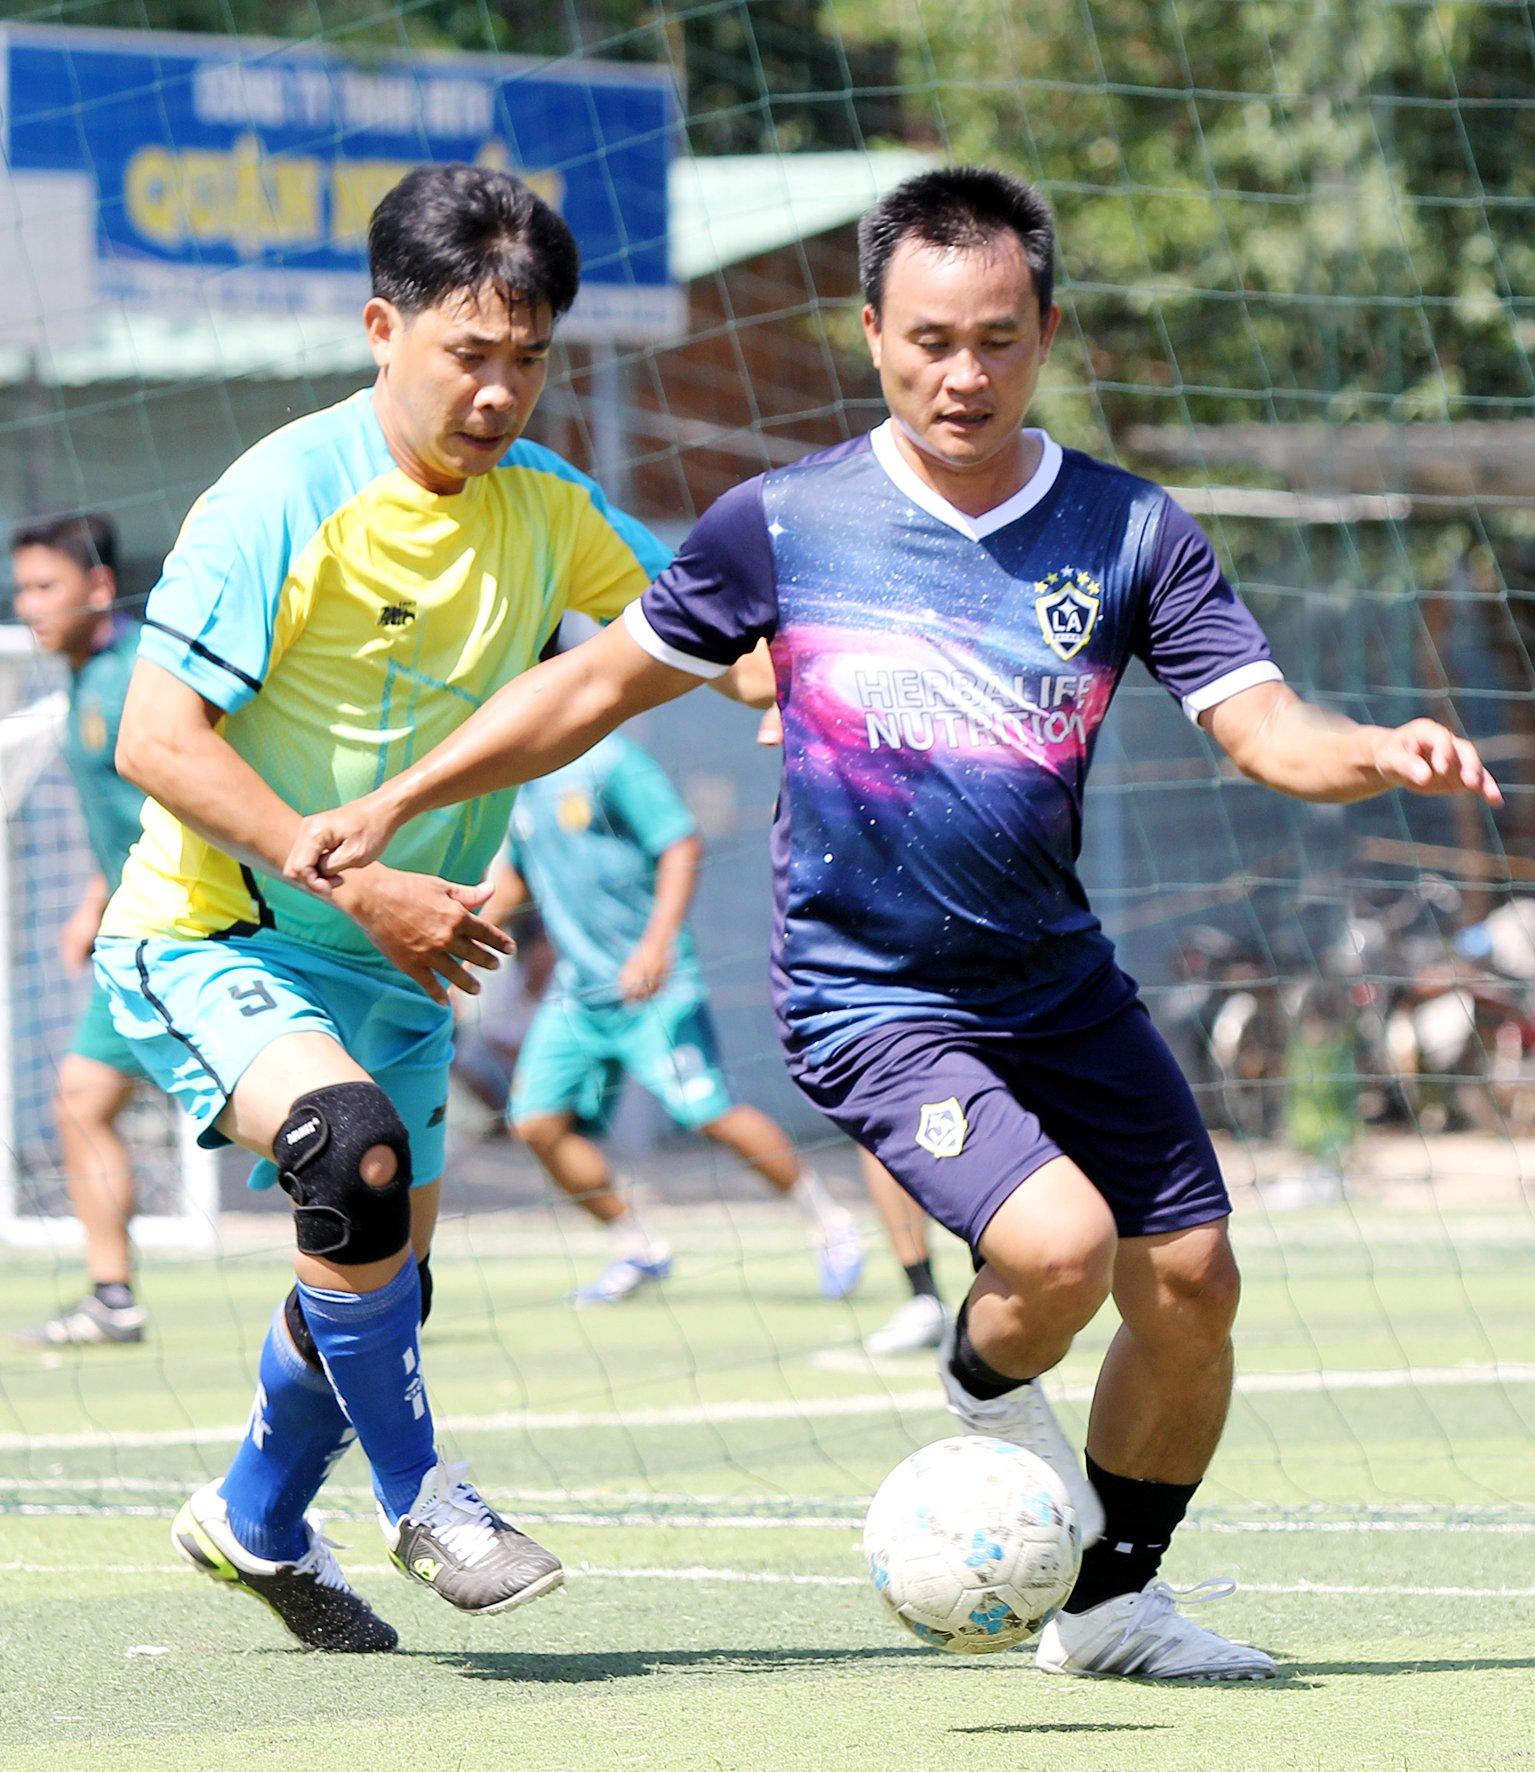 Giải bóng đá Công đoàn Ngành giáo dục lần 1 - năm 2021